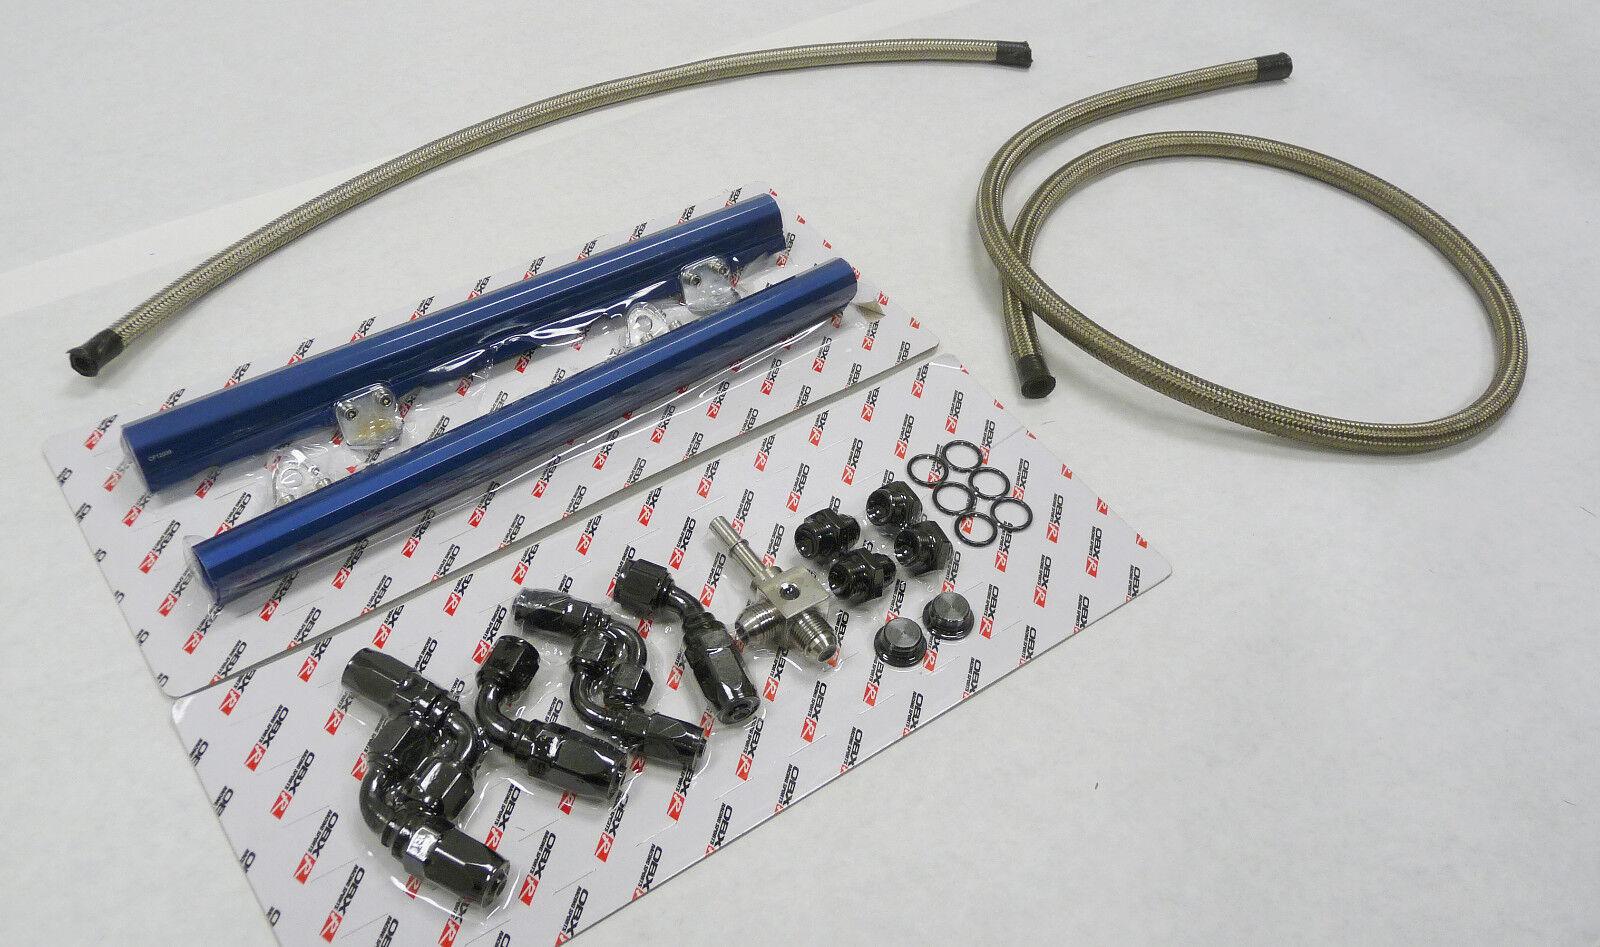 OBX Blue Alum Fuel Injection Rail Fit 98-02 Camaro Firebird 5.7L LS1 GM F-Body